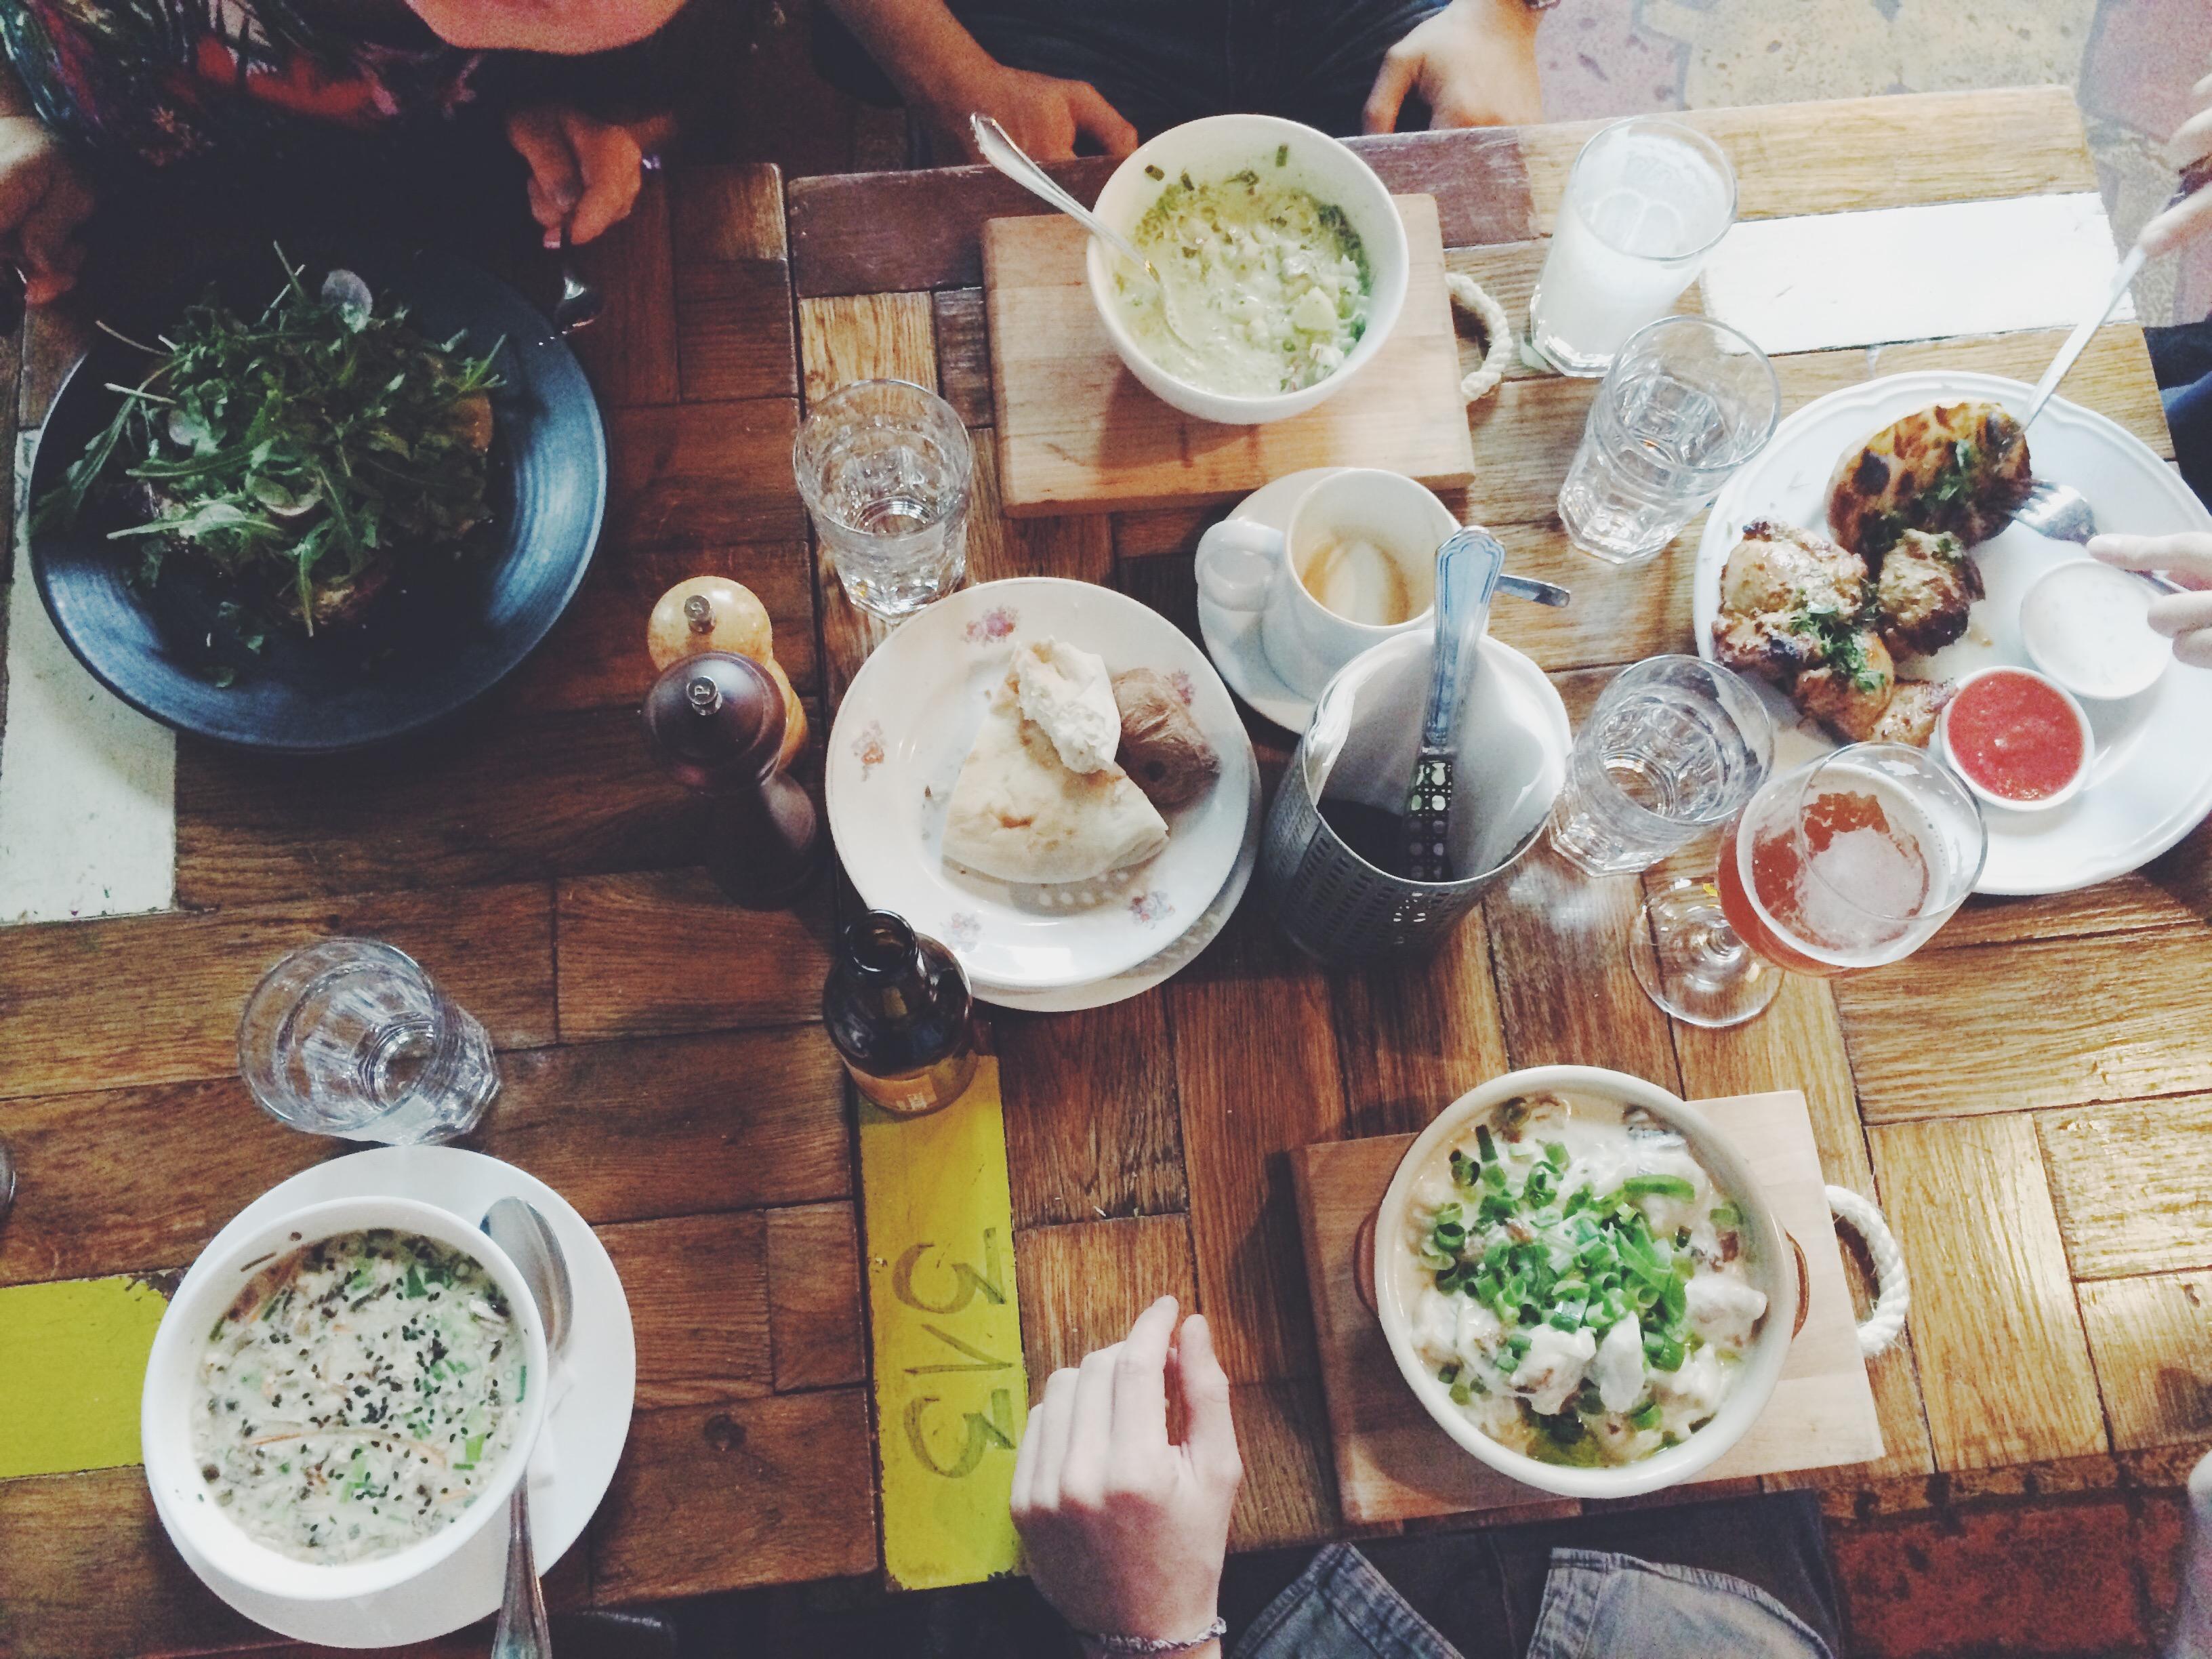 Where to eat in Tallinn: F-Hoone